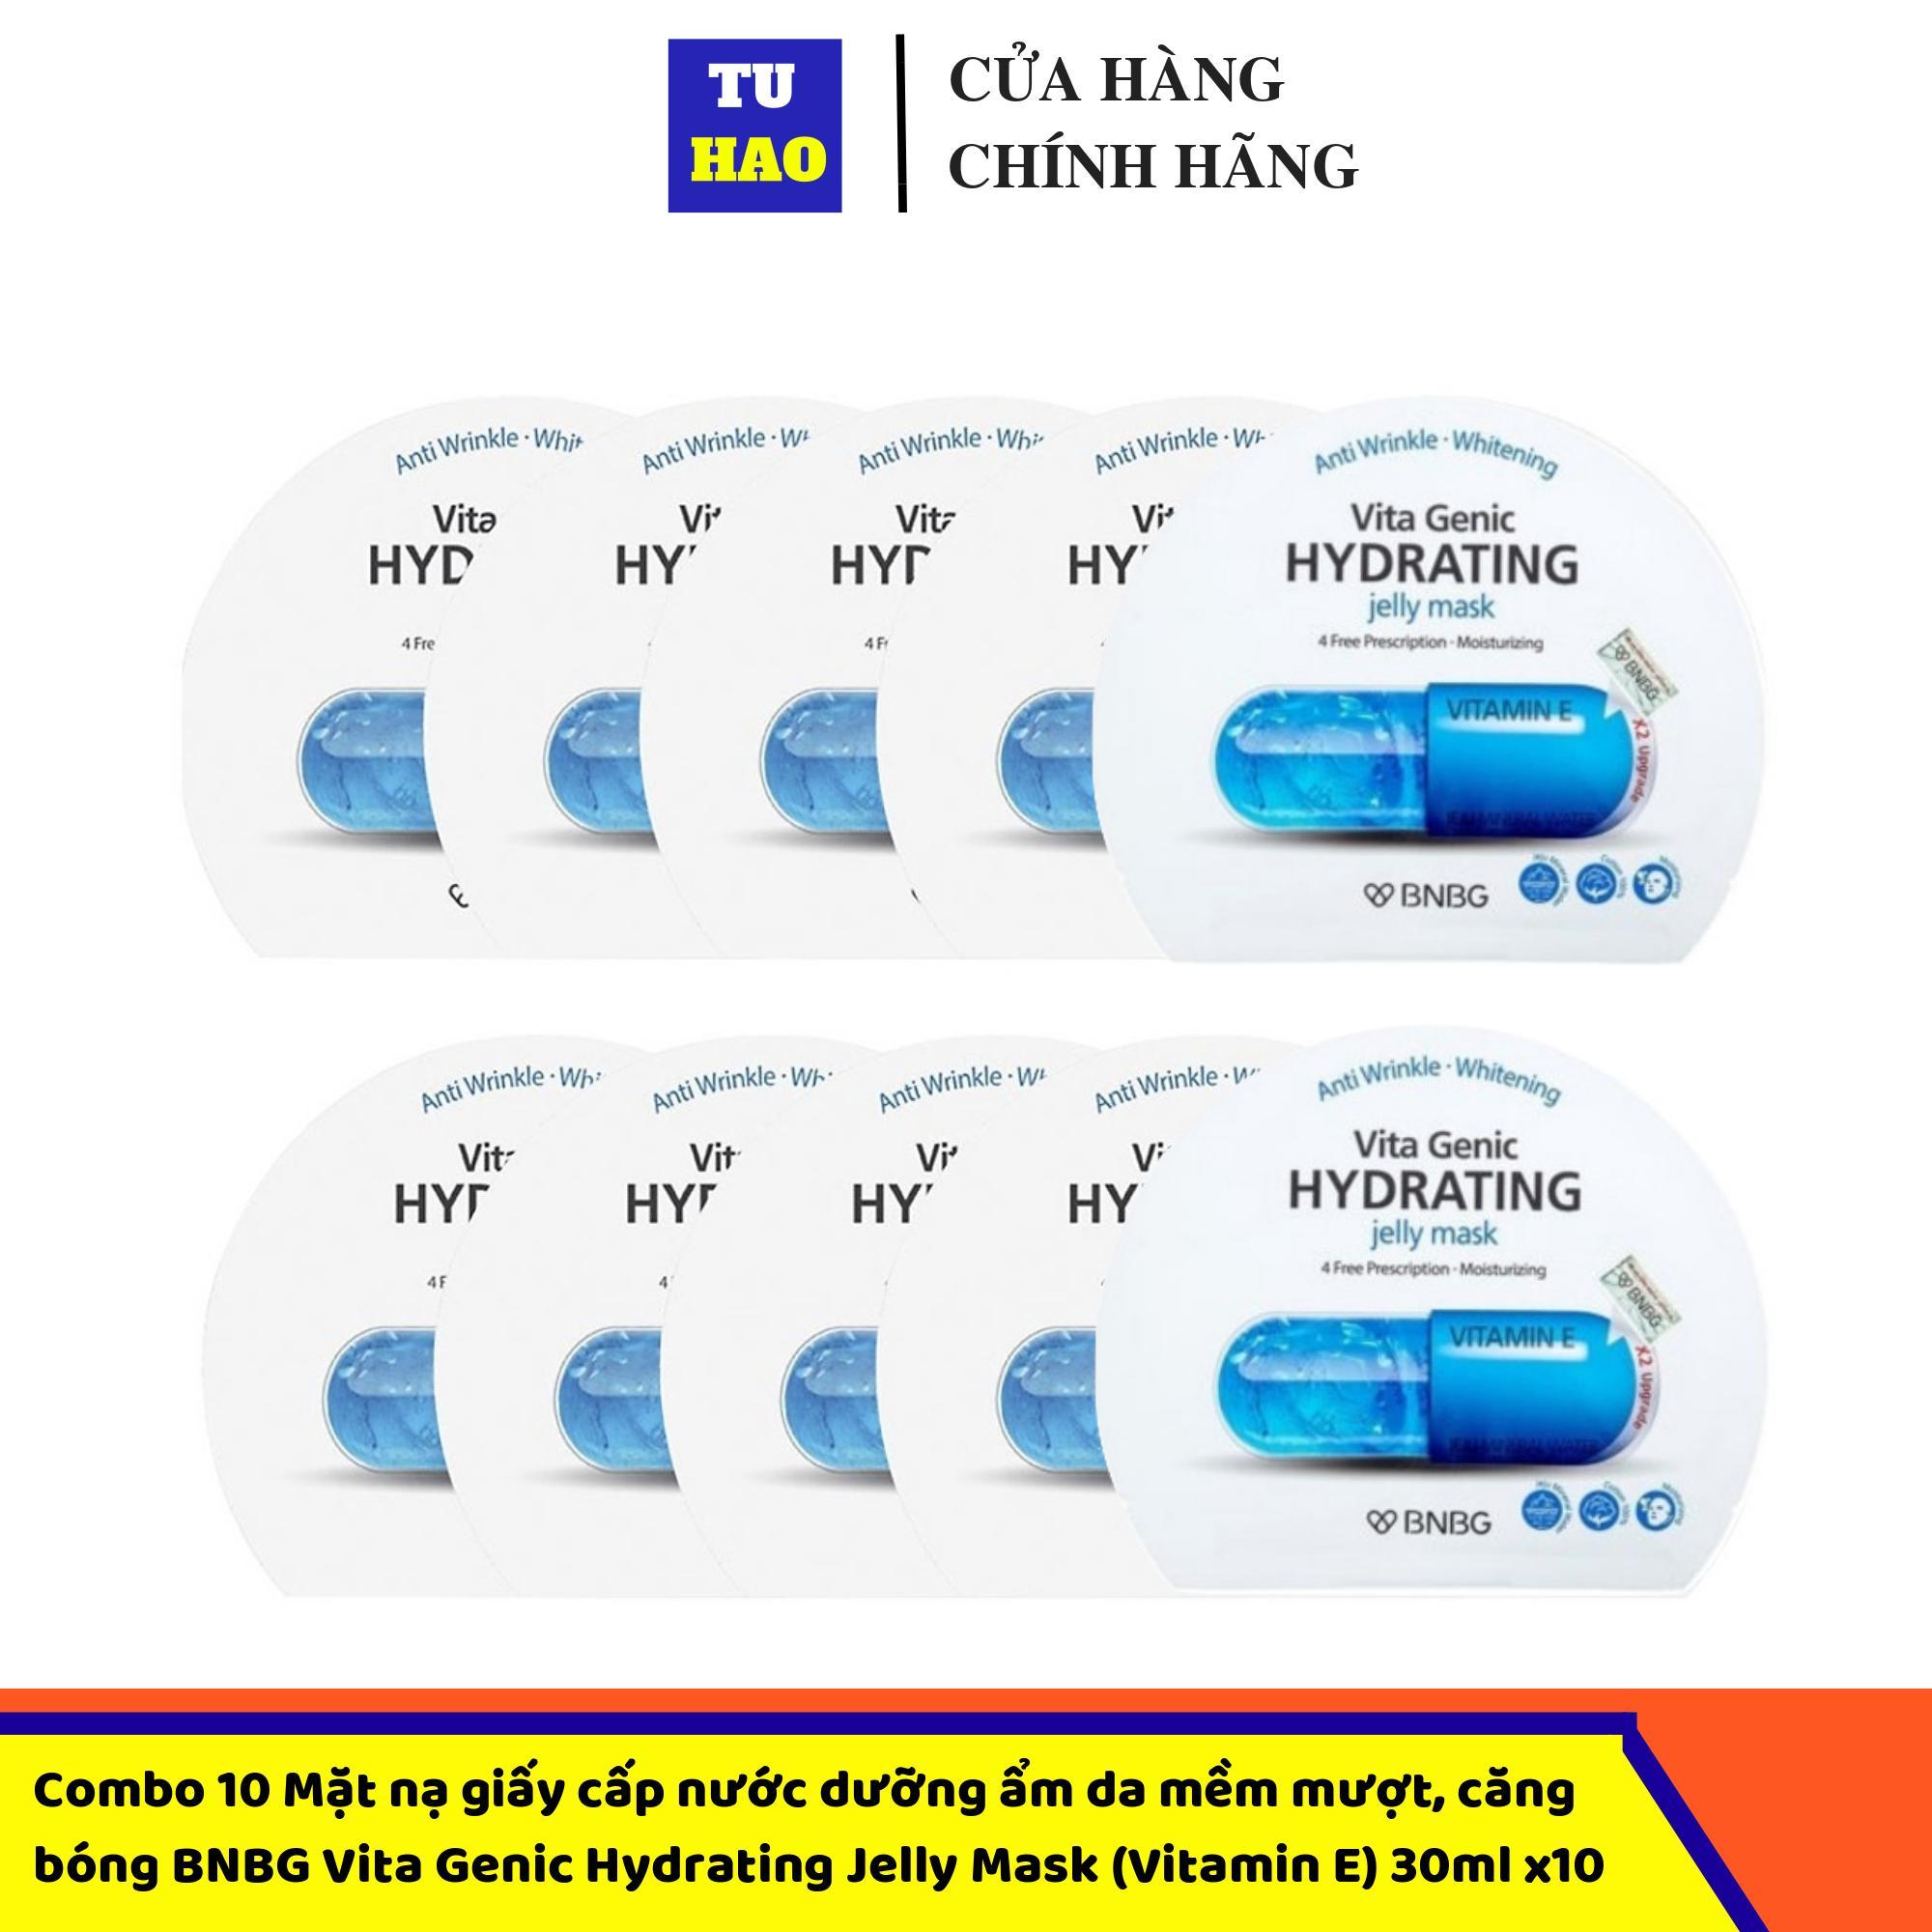 Hộp 10 Mặt nạ giấy cấp nước dưỡng ẩm da mềm mượt, căng bóng BNBG Vita Genic Hydrating Jelly Mask (Vitamin E) 30ml x10